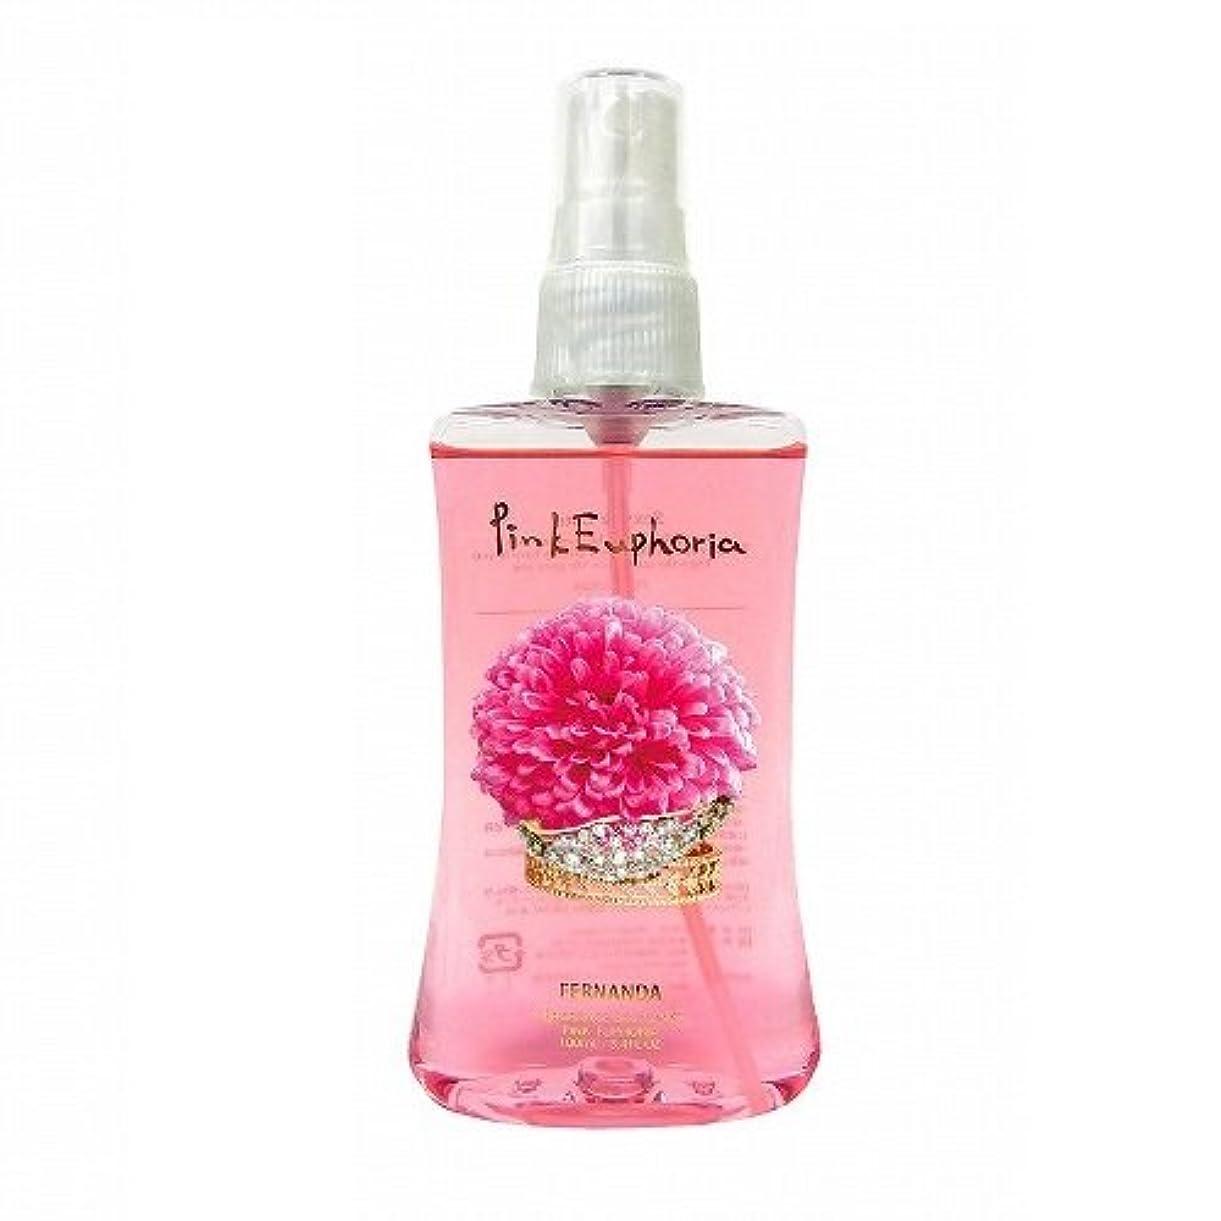 誕生極めて重要な差別的FERNANDA(フェルナンダ) Body Mist Pink Euphoria (ボディミスト ピンクエウフォリア)